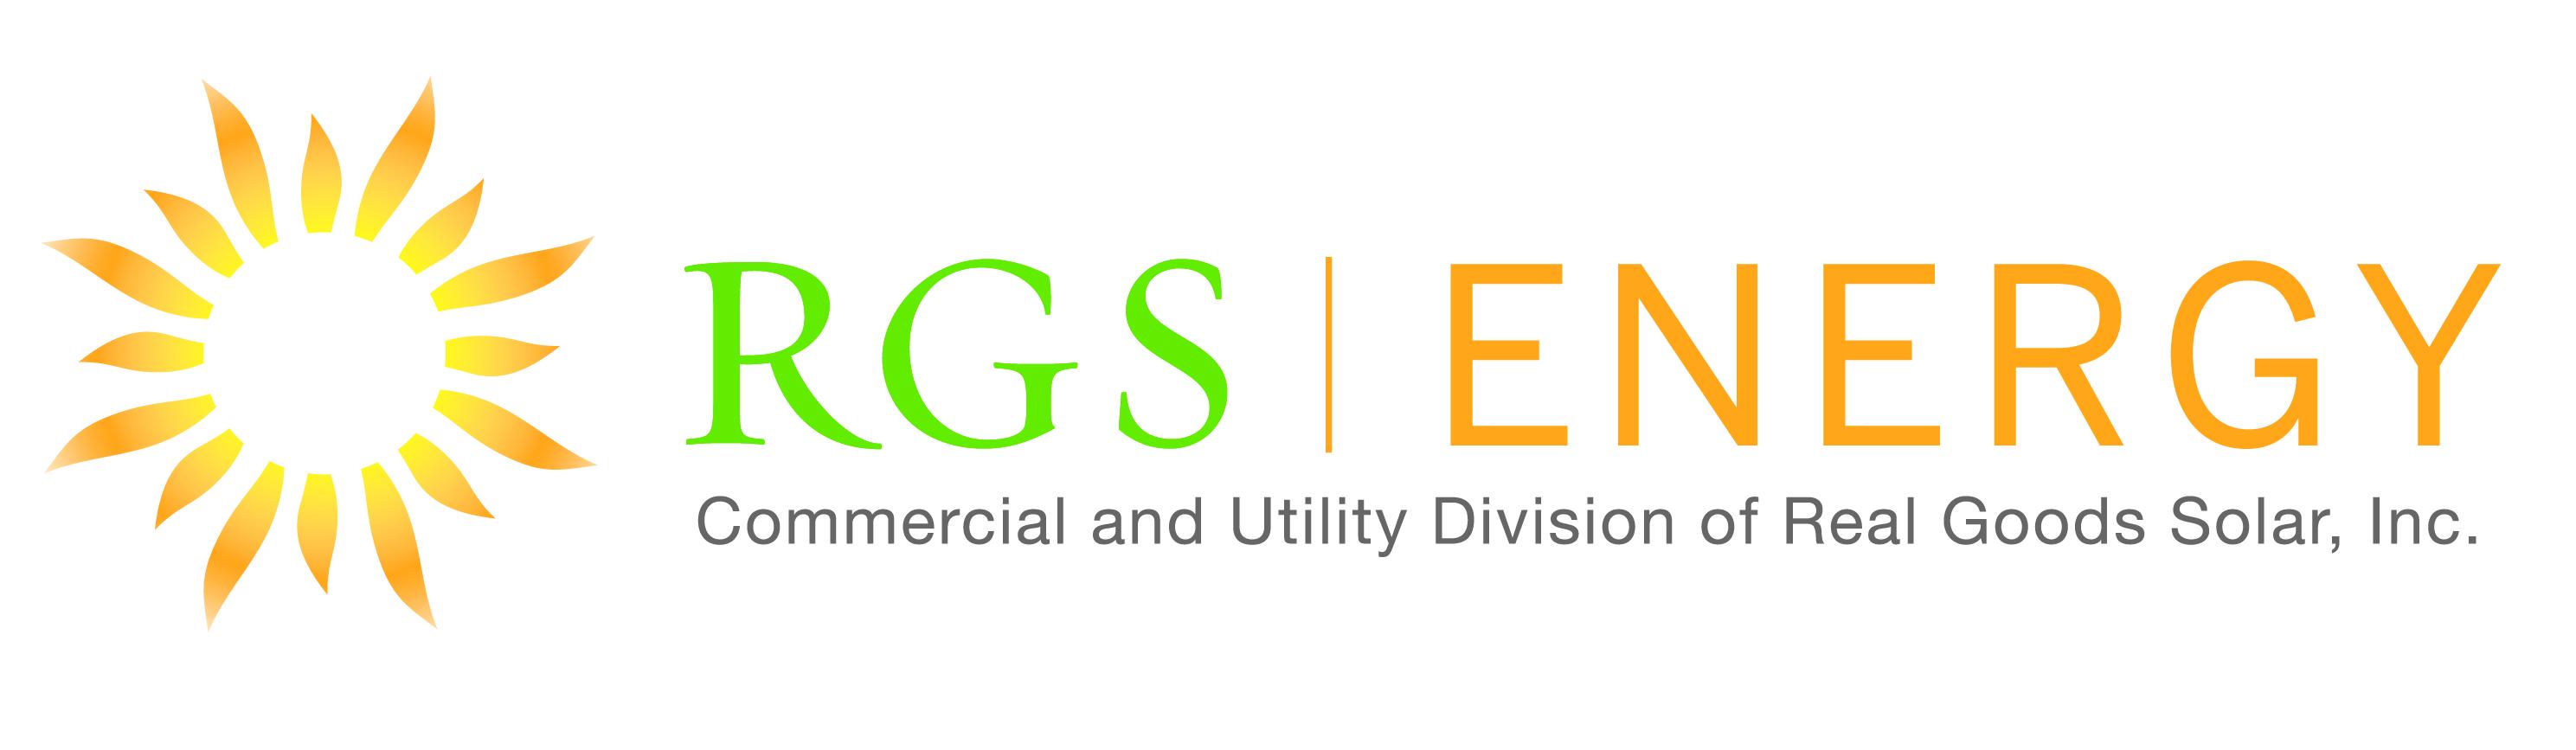 Hudson Energy Solar Smart Energy Capital And Rgs Energy